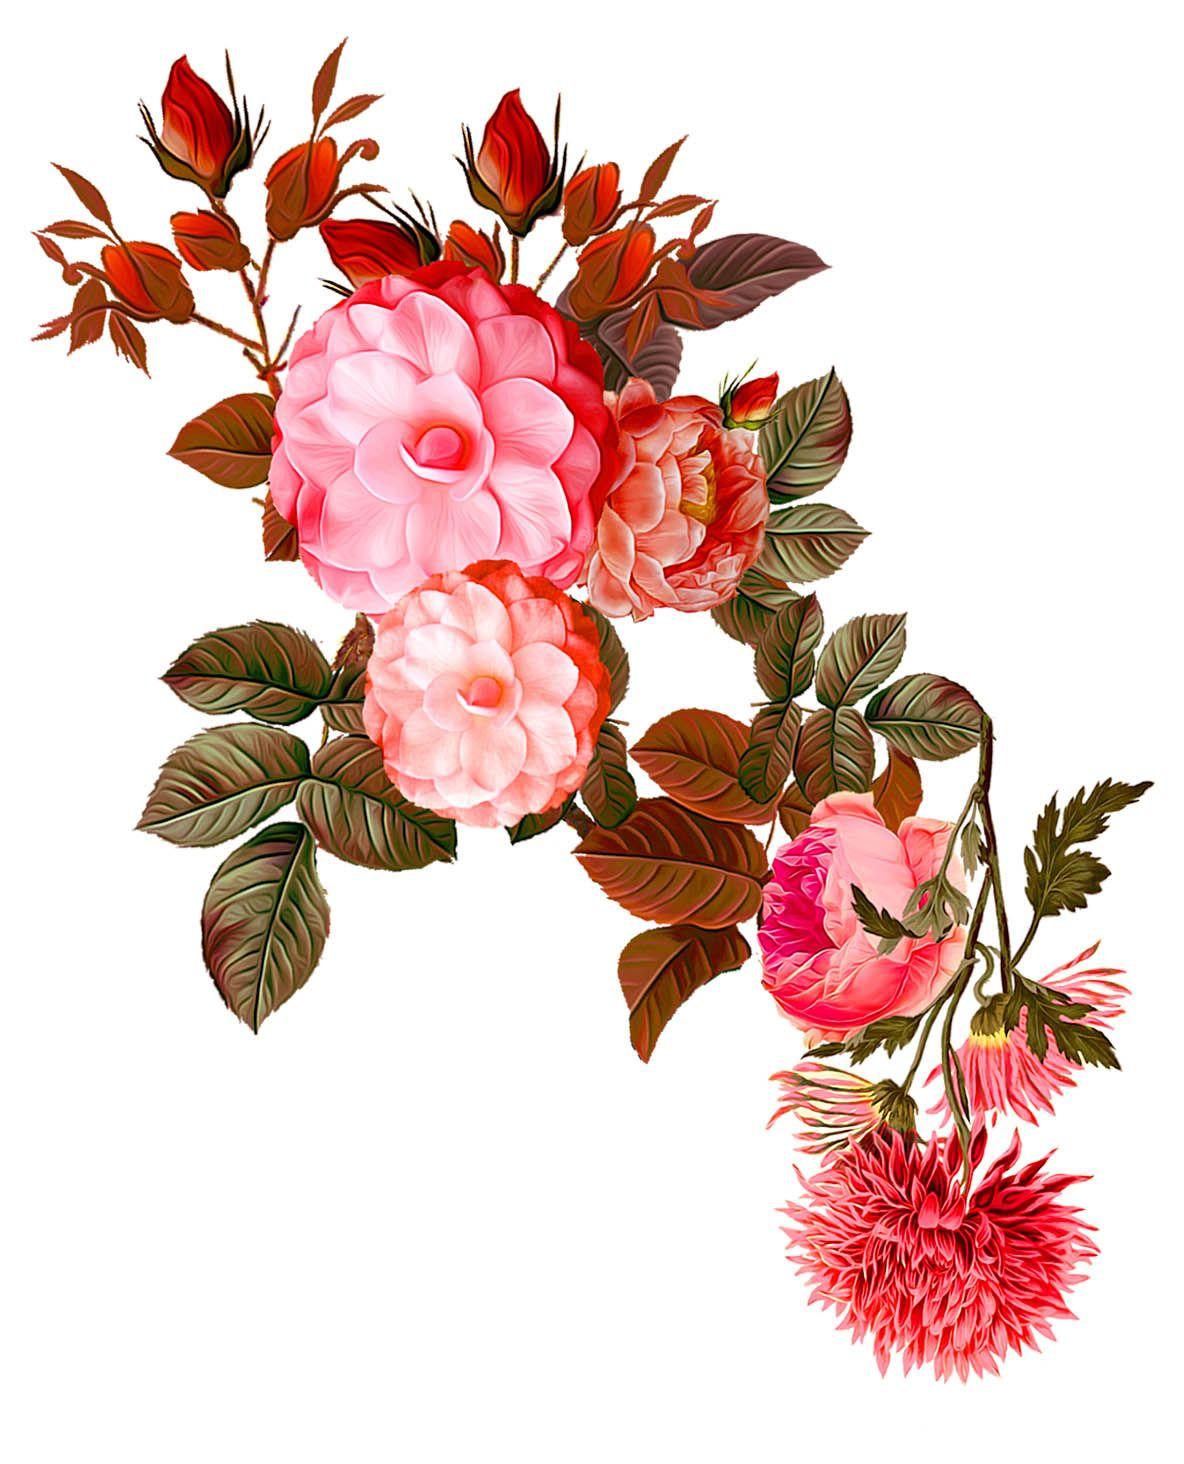 Pin by KAUSHIK HIRPARA on saved in 2019 Flower art